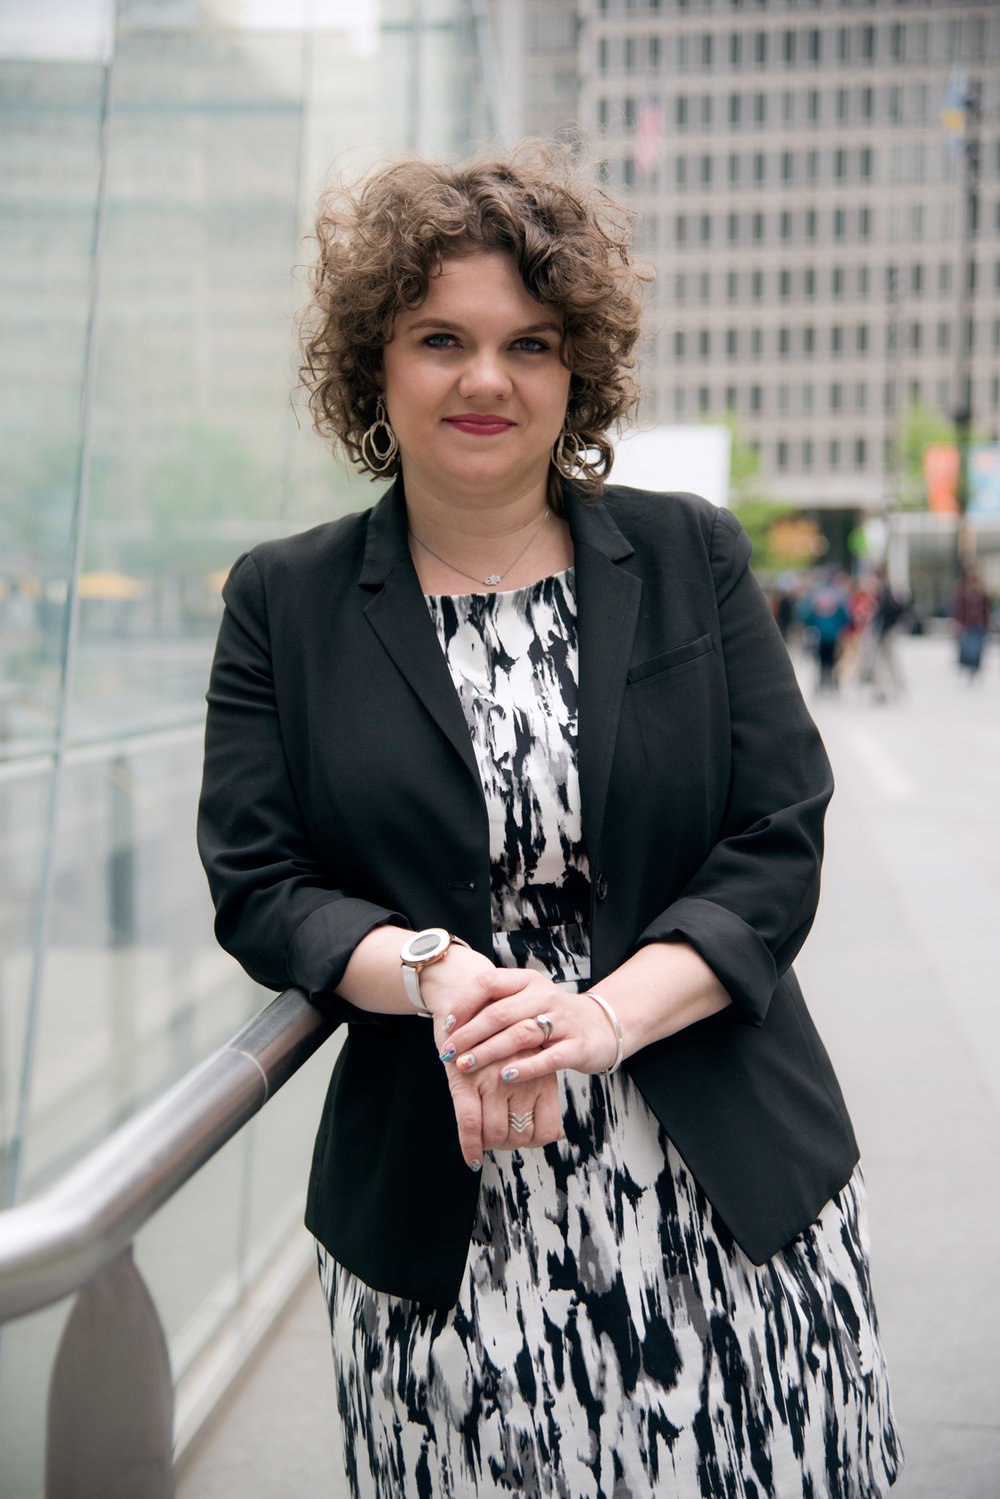 Jennifer Devor, Director of Partnerships, Campus Philly